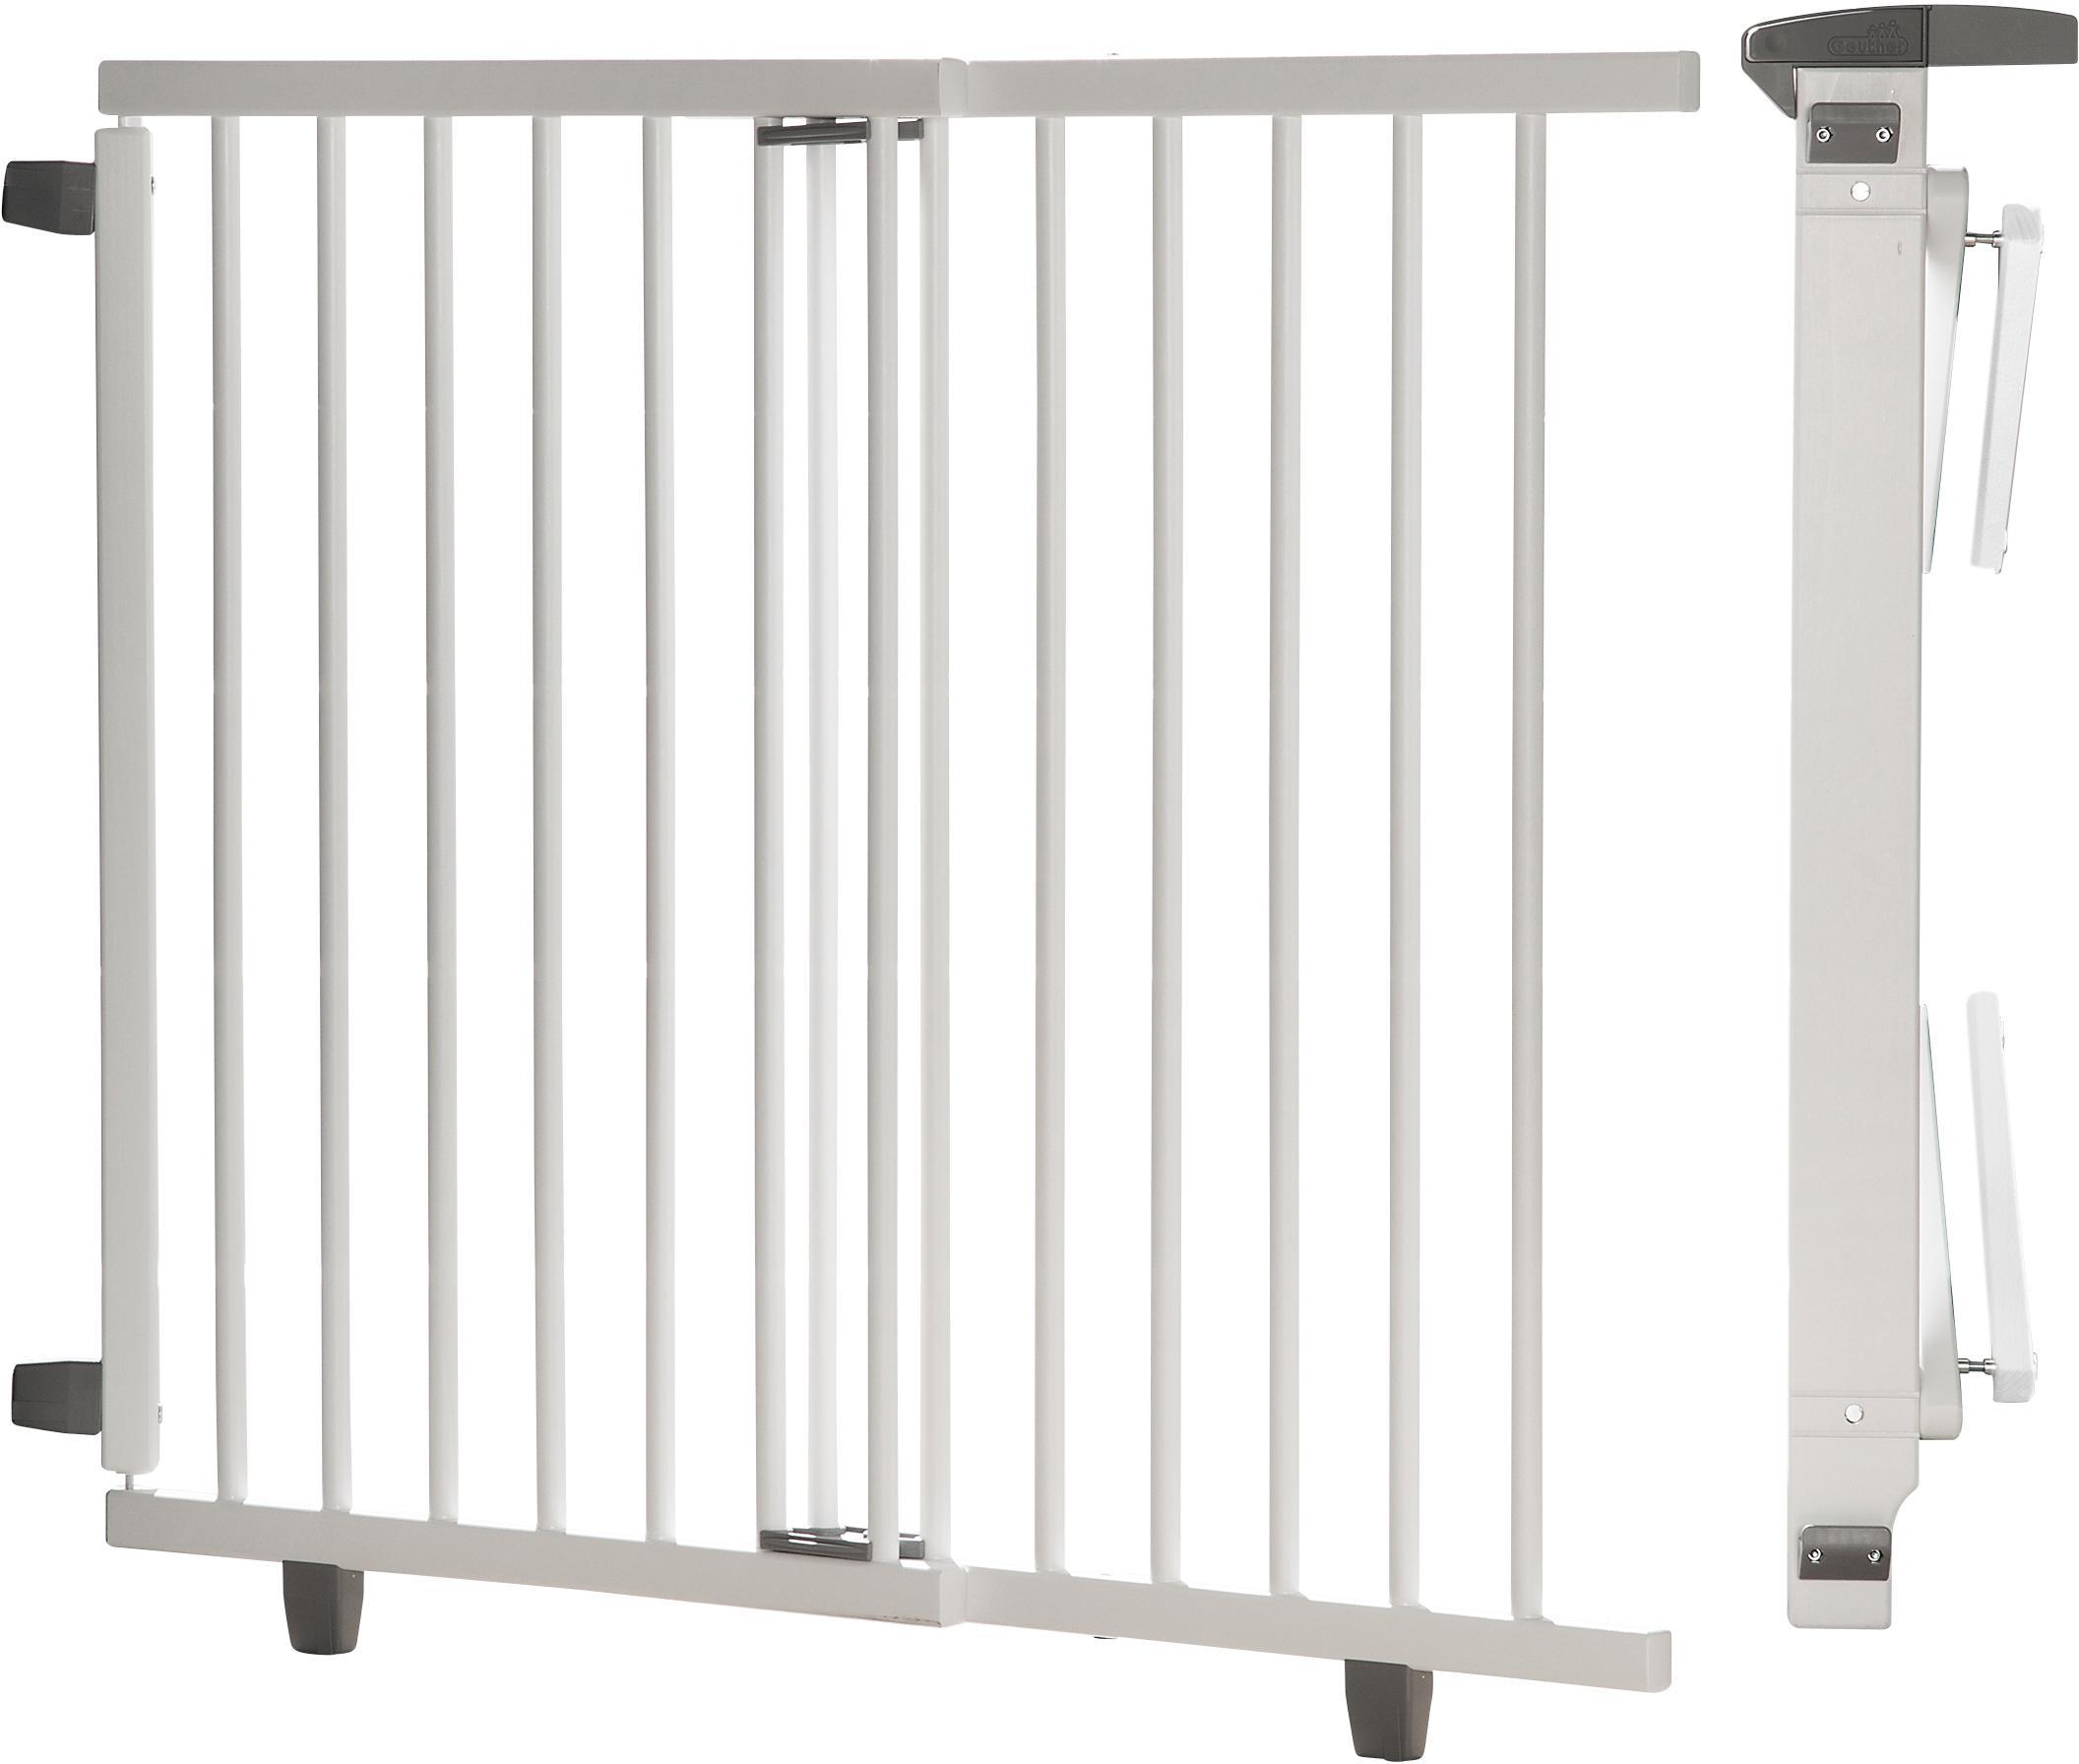 Geuther Treppenschutzgitter Plus weiß 95-135 cm Kindermode/Ausstattung/Babygitter/Treppenschutzgitter